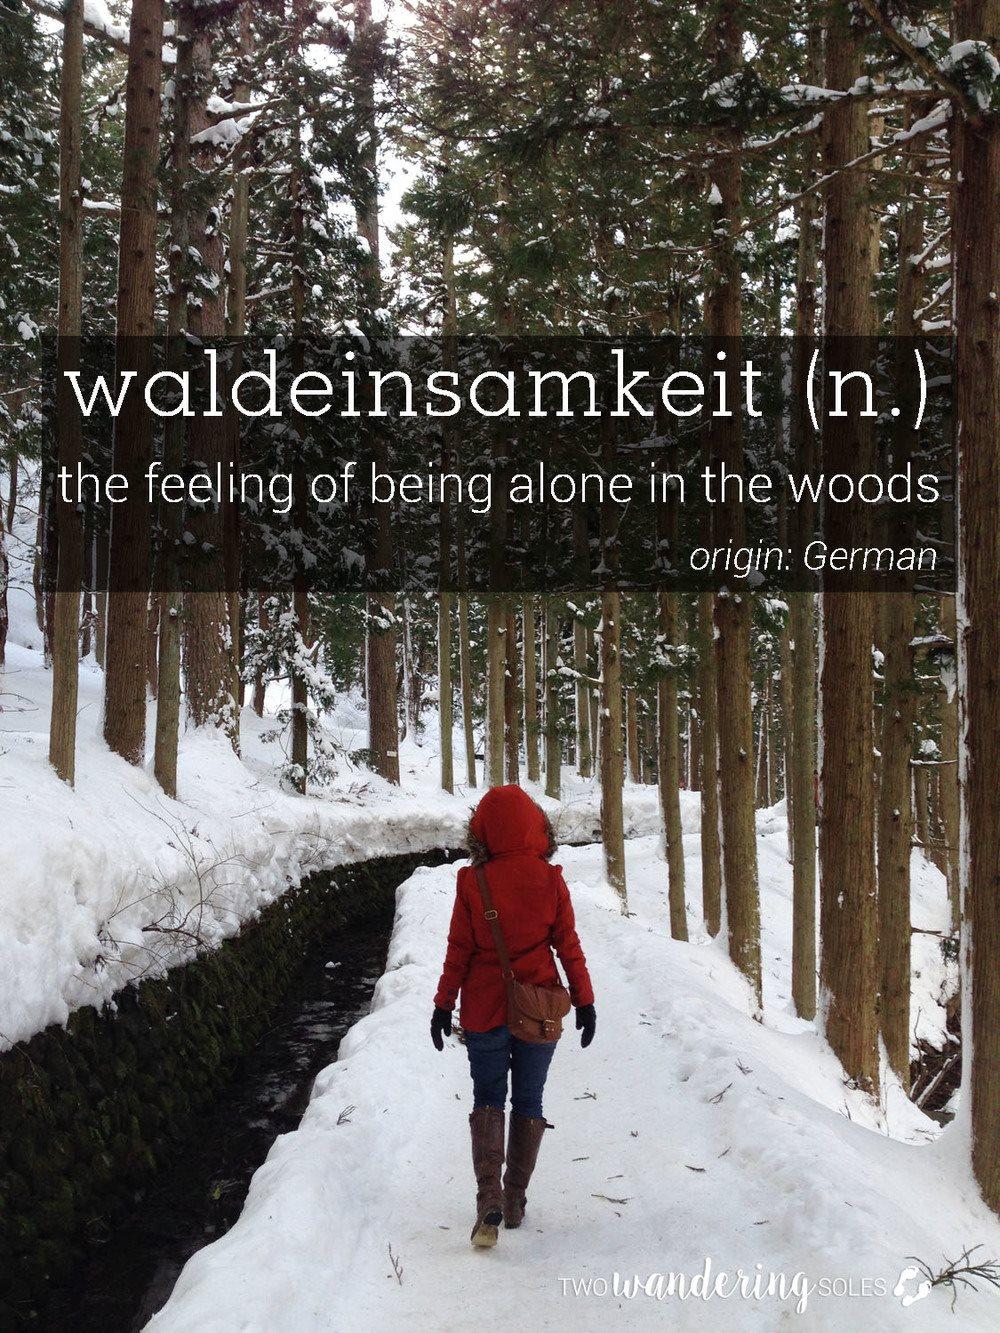 Waldeinsamkeit Awesome Travel Words